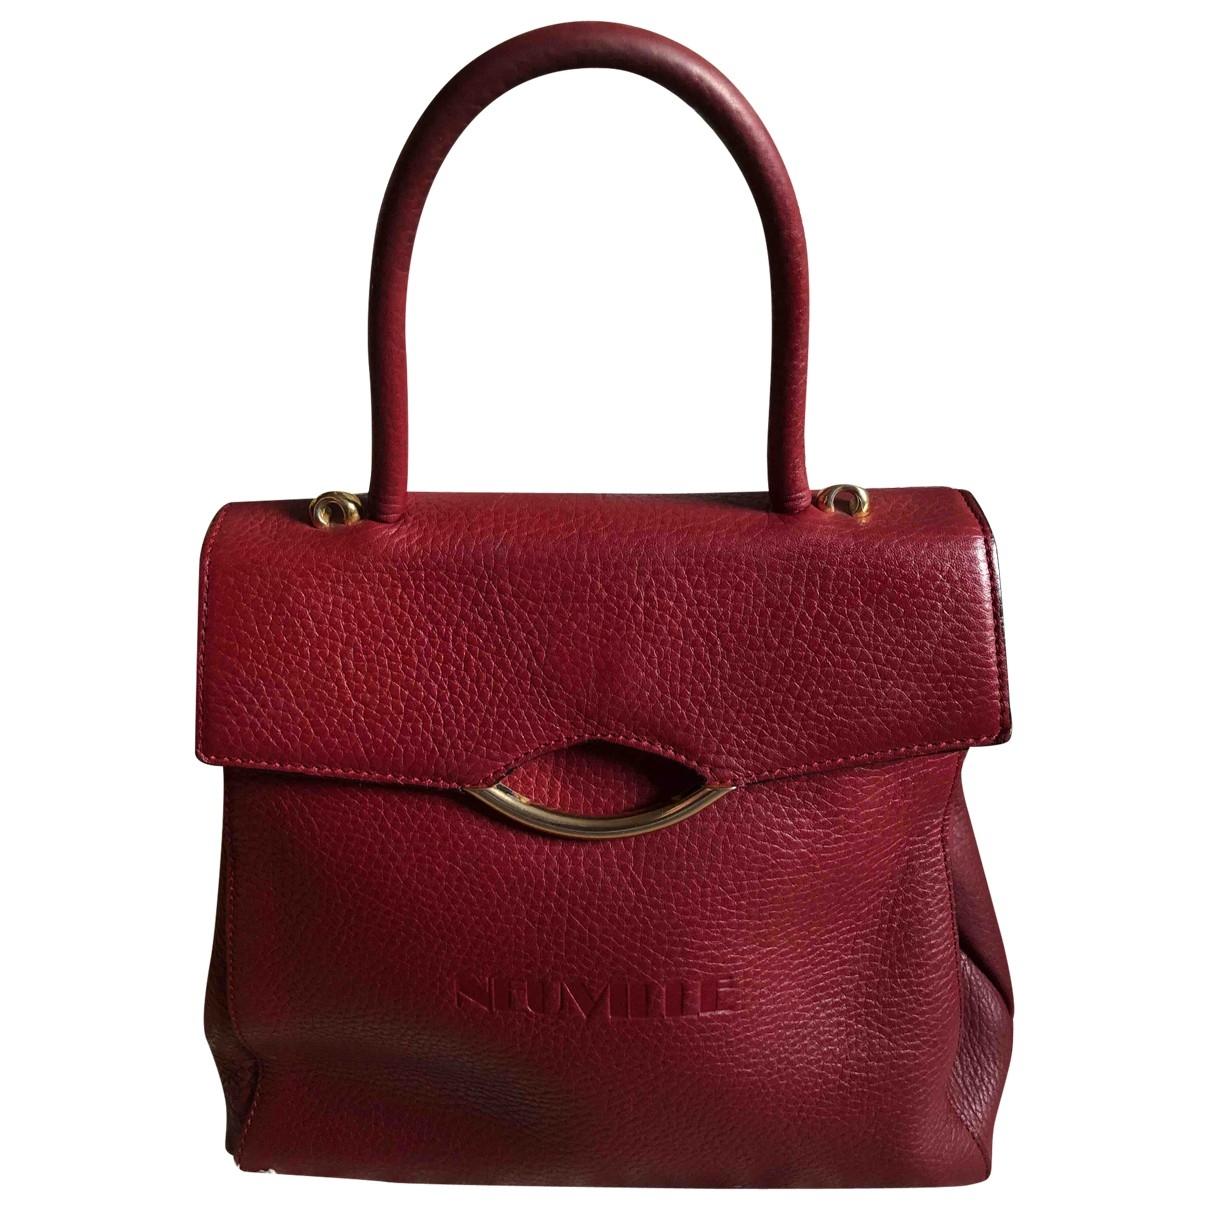 Neuville \N Burgundy Leather handbag for Women \N